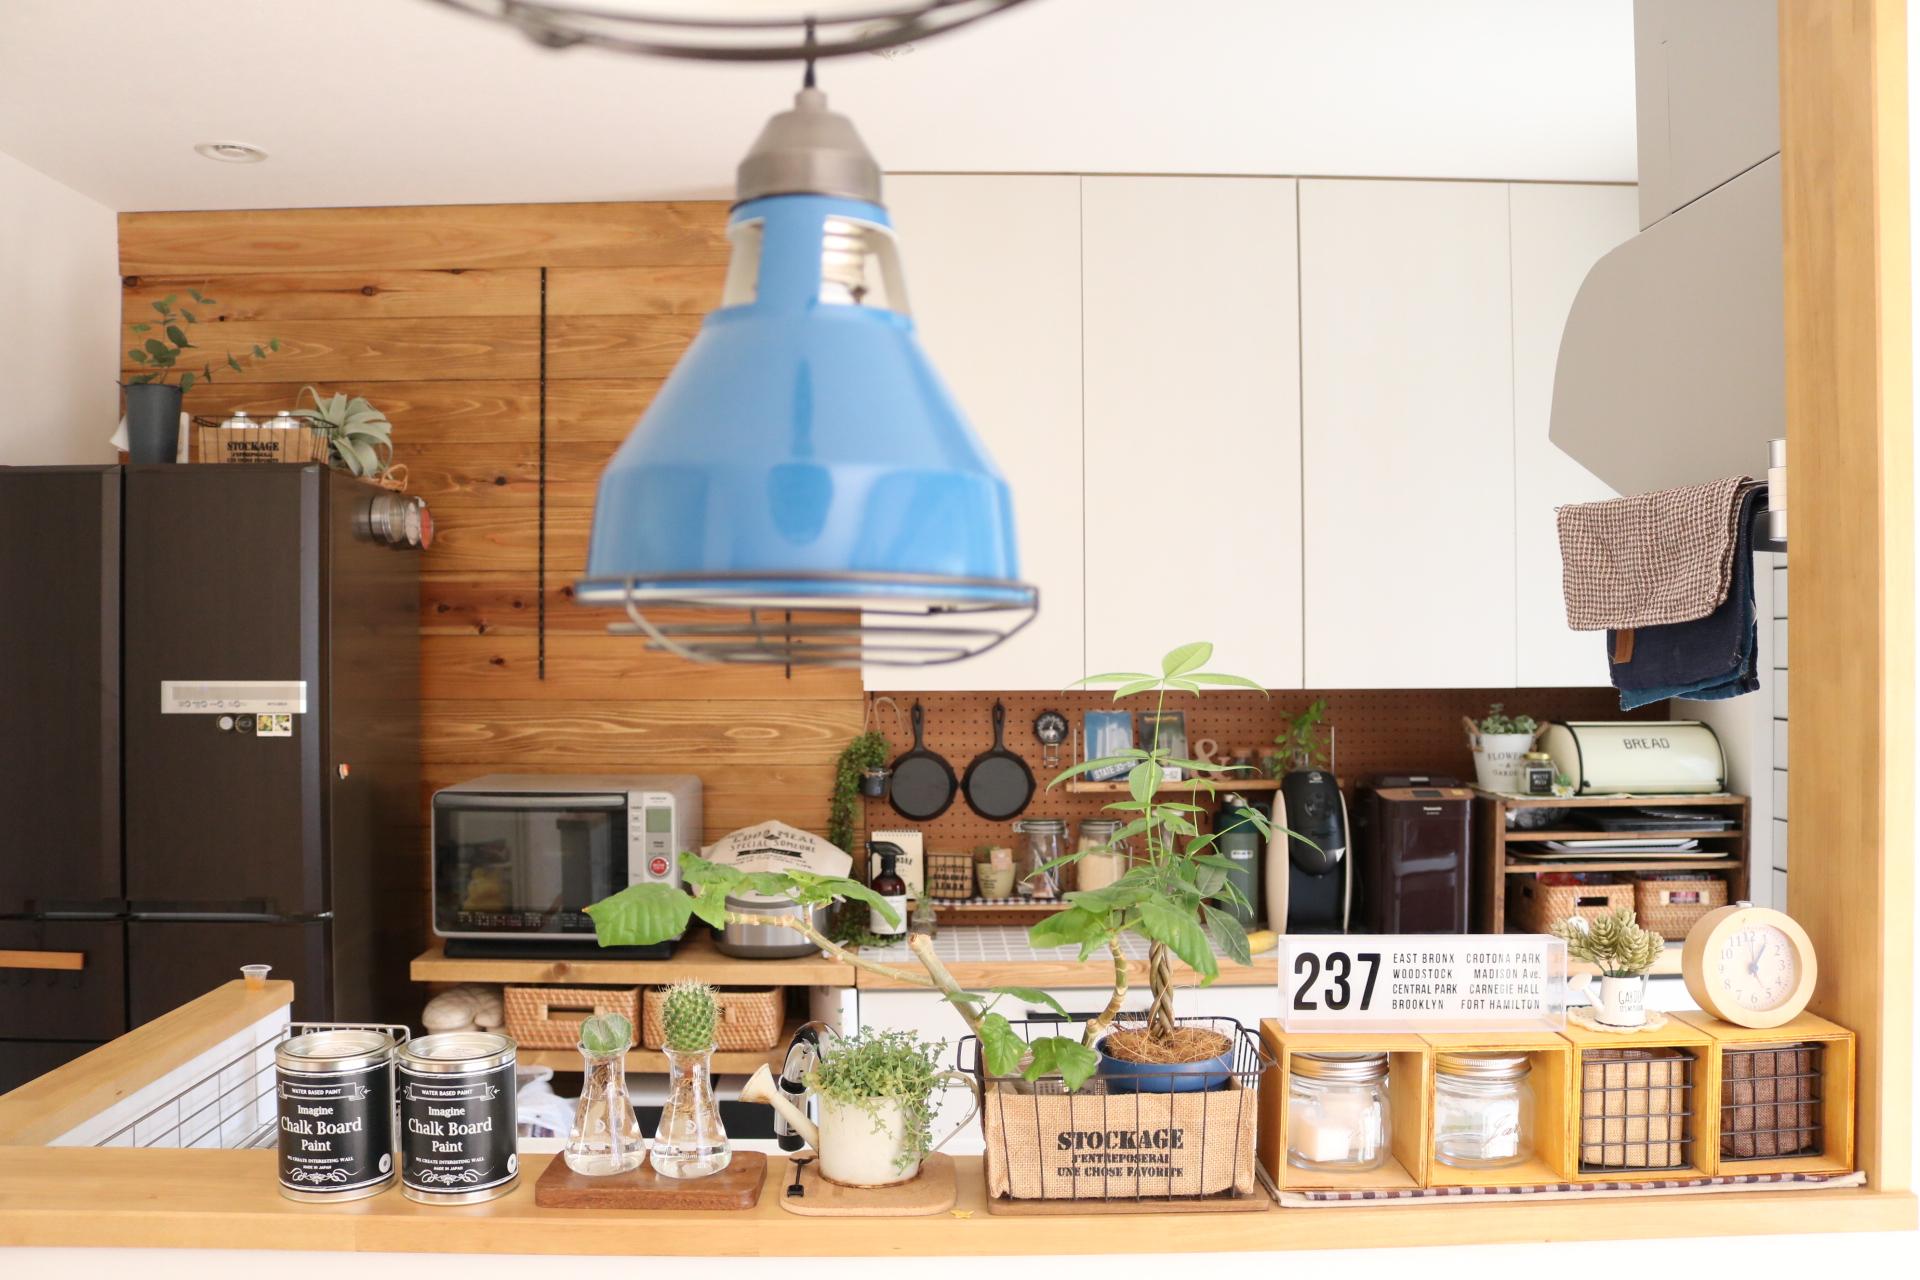 壁紙も食器棚も真っ白だったキッチン 大好きなカフェ風に近付けた